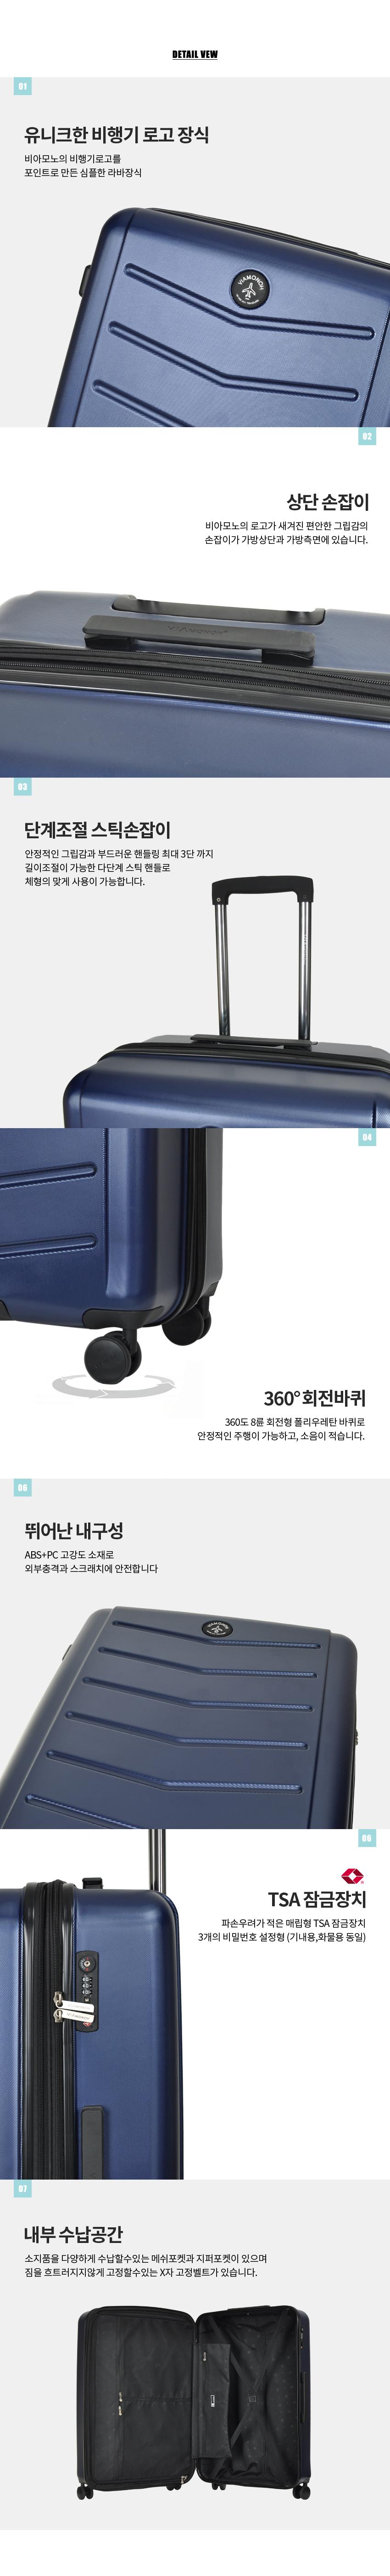 VAHF9043NY_detail.jpg